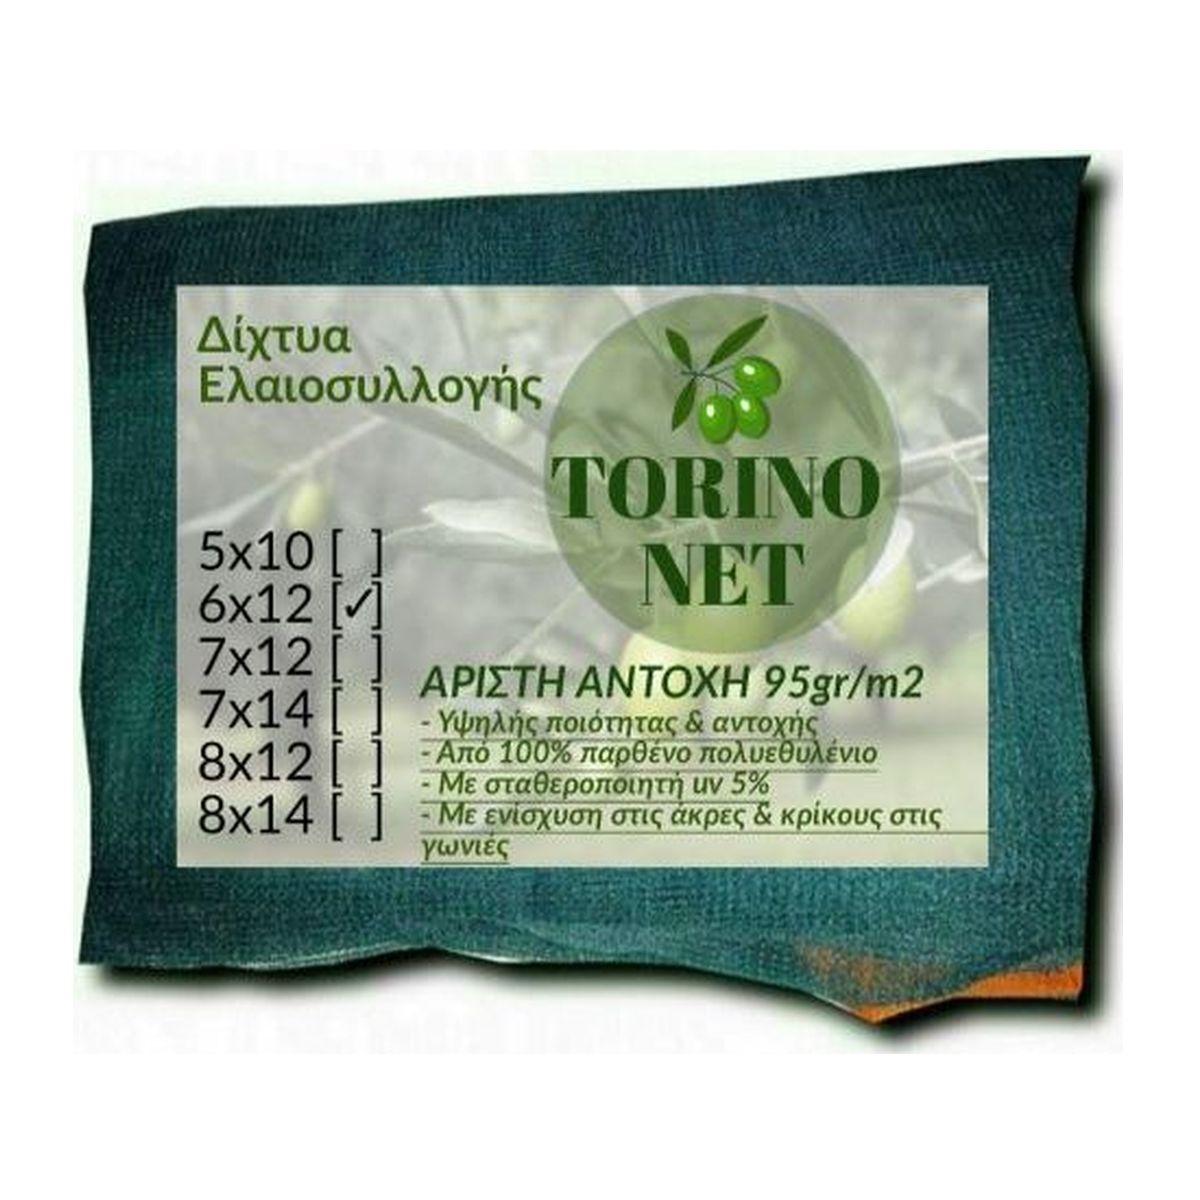 Ελαιόδιχτο 6x12m 95gr/m2 Torino Net